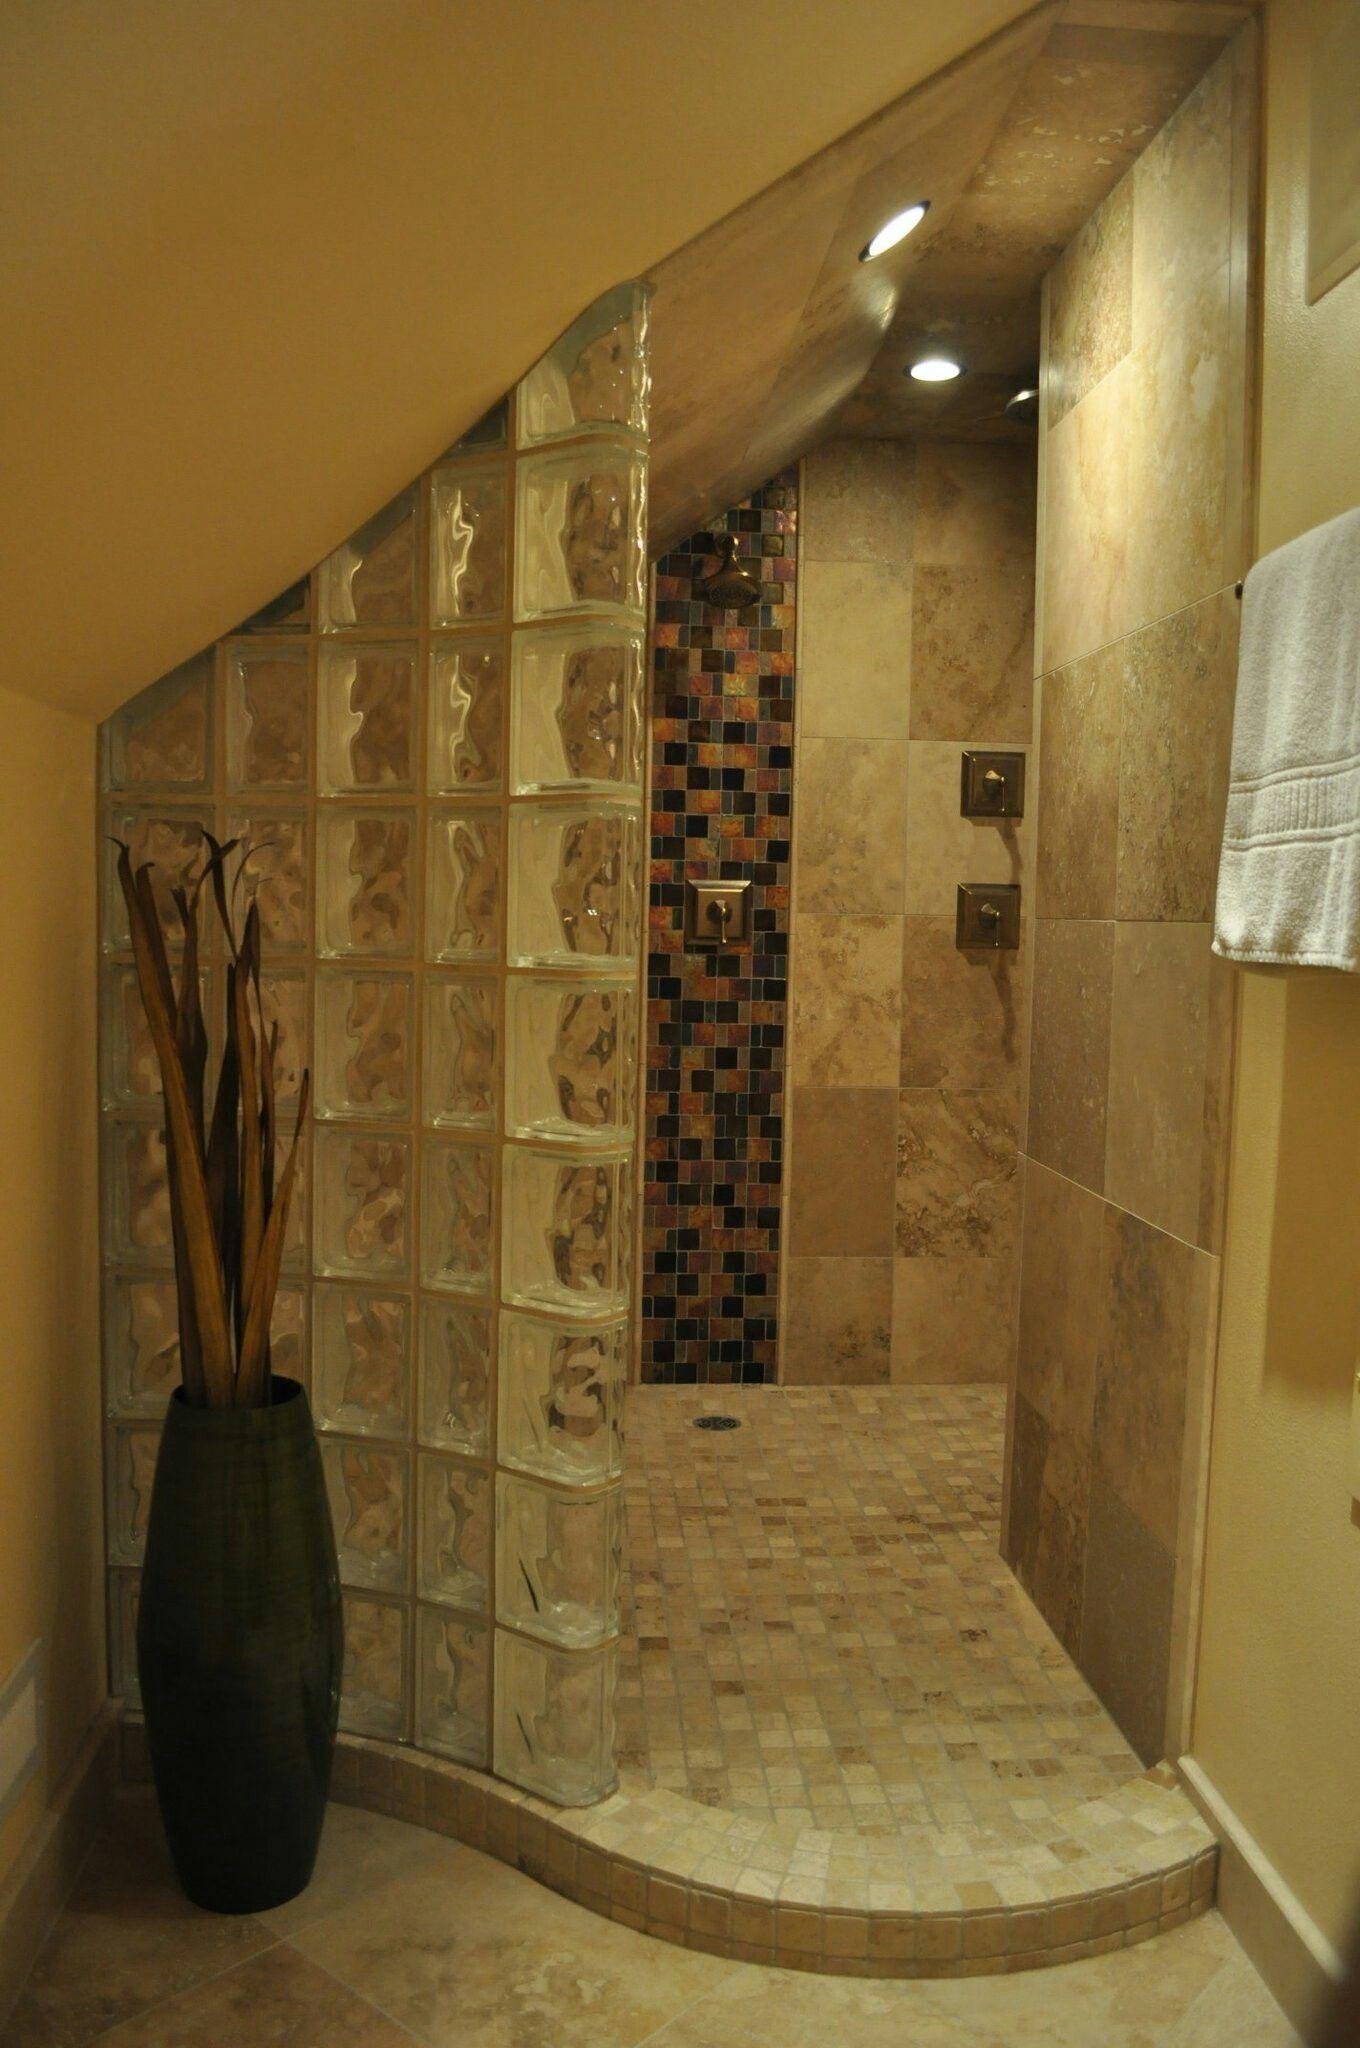 Douche Salle De Bain Idee Deco Bricolage Remodeler Invite